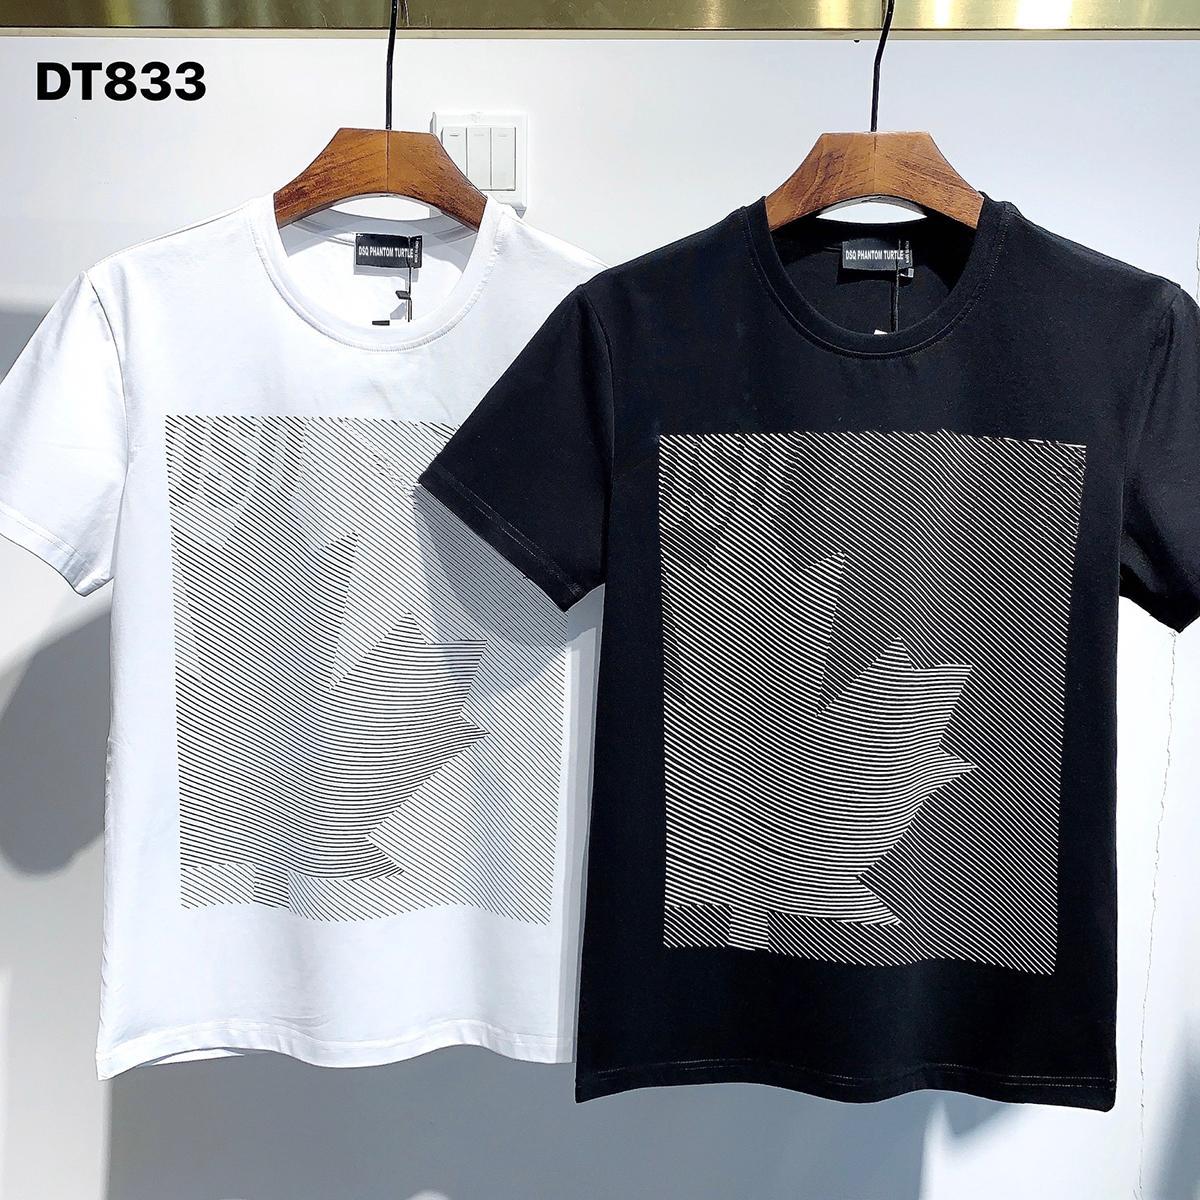 DSQ Phantom Tortue 2021ss New Mens Designer T-shirt Paris Mode T-shirts Été DSQ Modèle T-shirt Homme Top Qualité 100% coton Top 1119